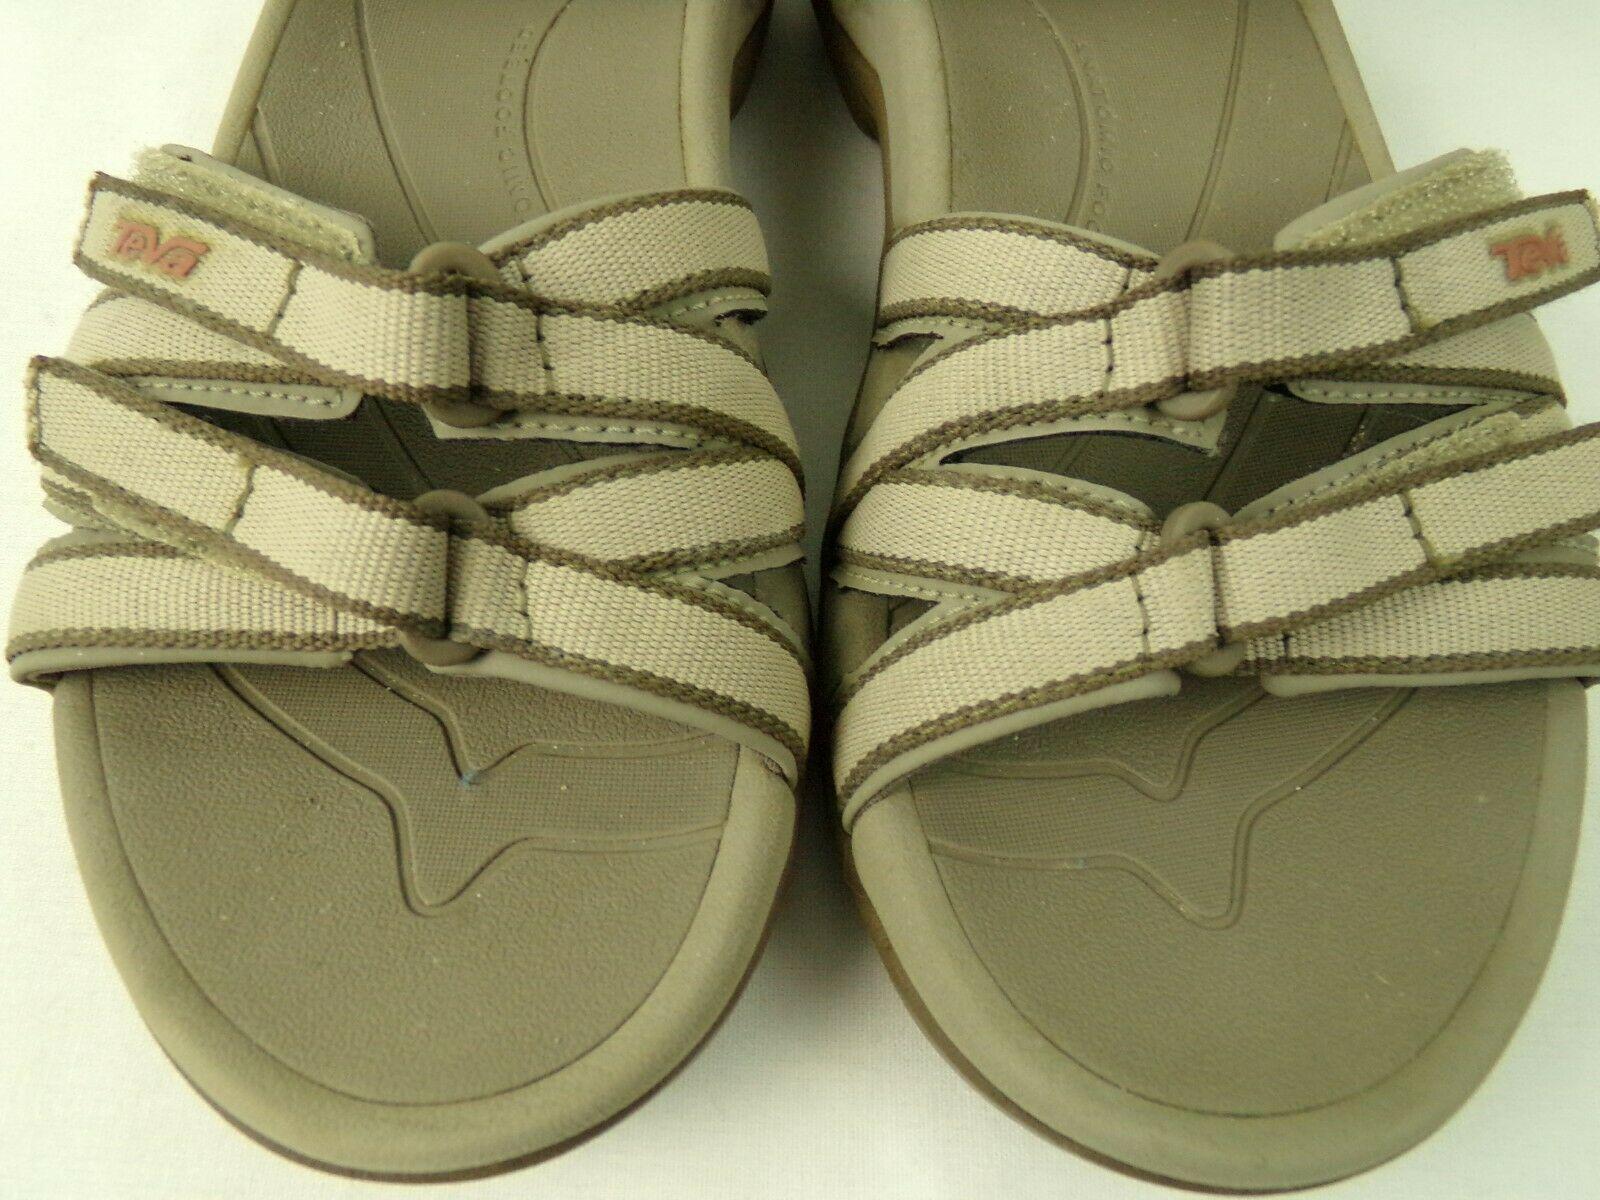 Women's Teva Sandals Size 7 Tan Brown 4266 Open Toe